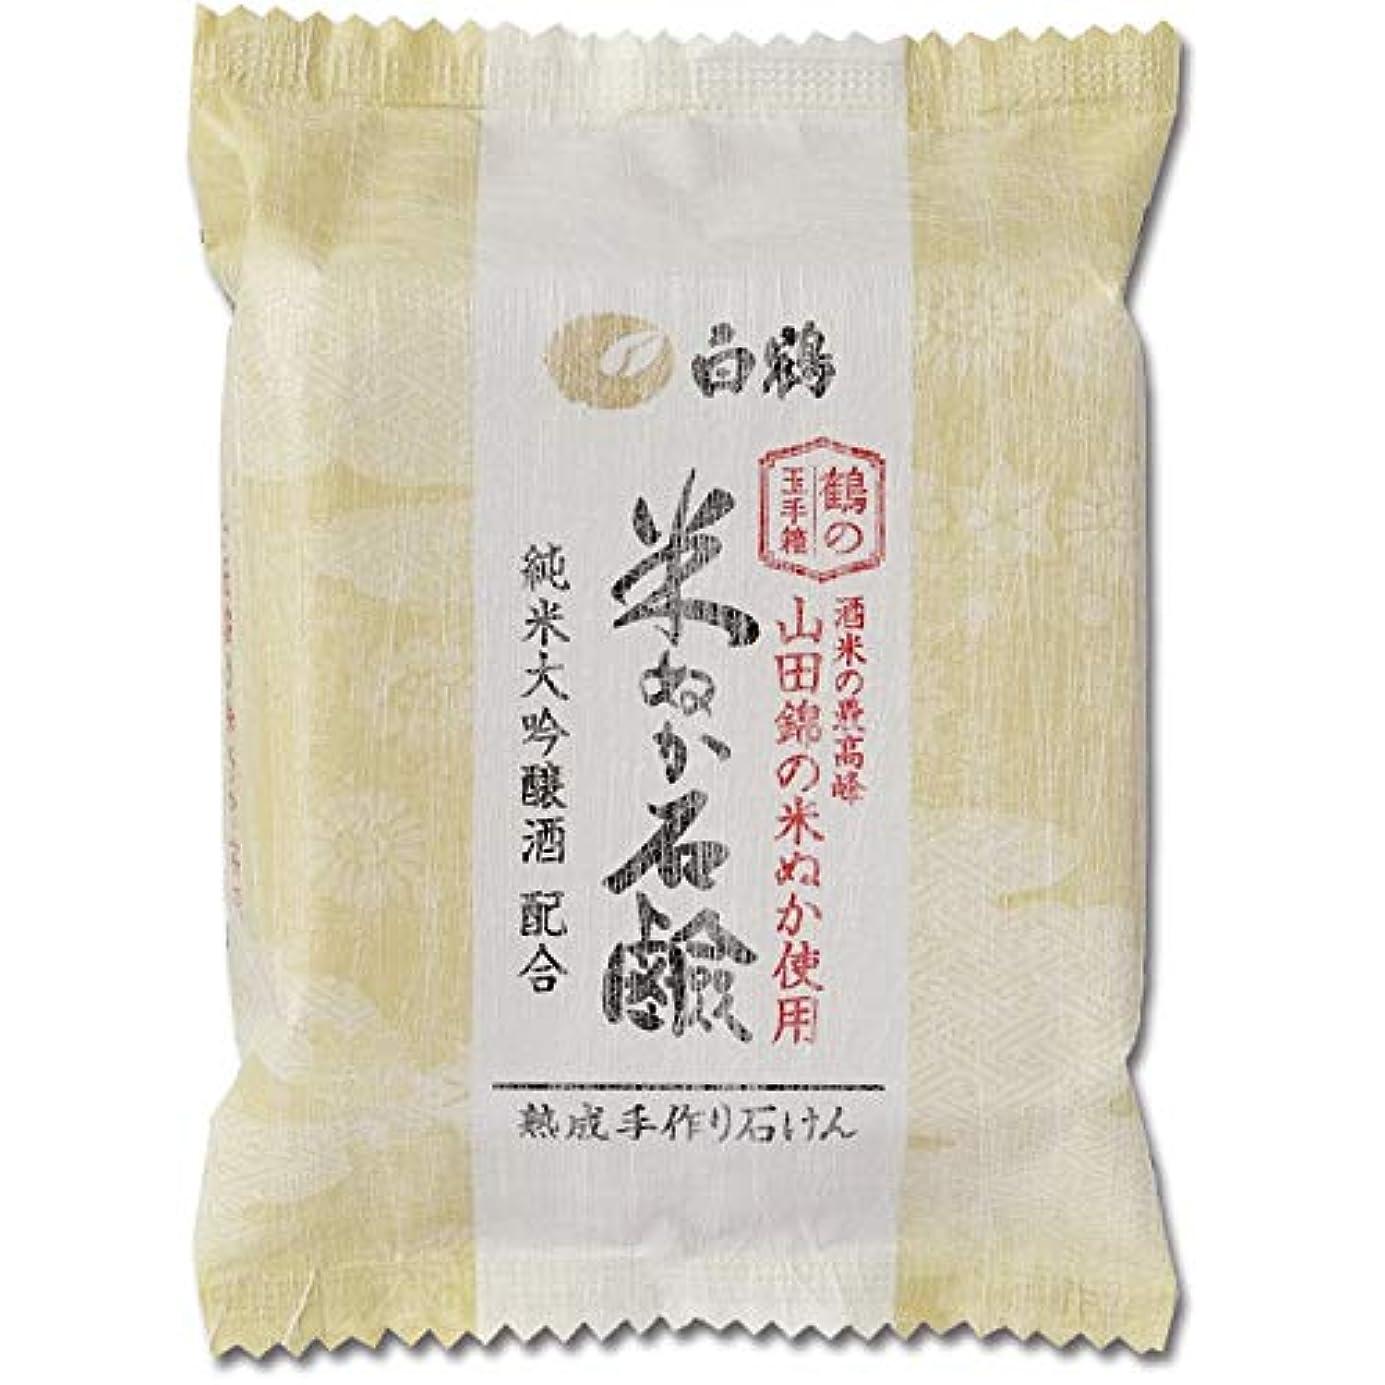 一見見込み幸運な白鶴 鶴の玉手箱 米ぬか石けん 100g (全身用石鹸)